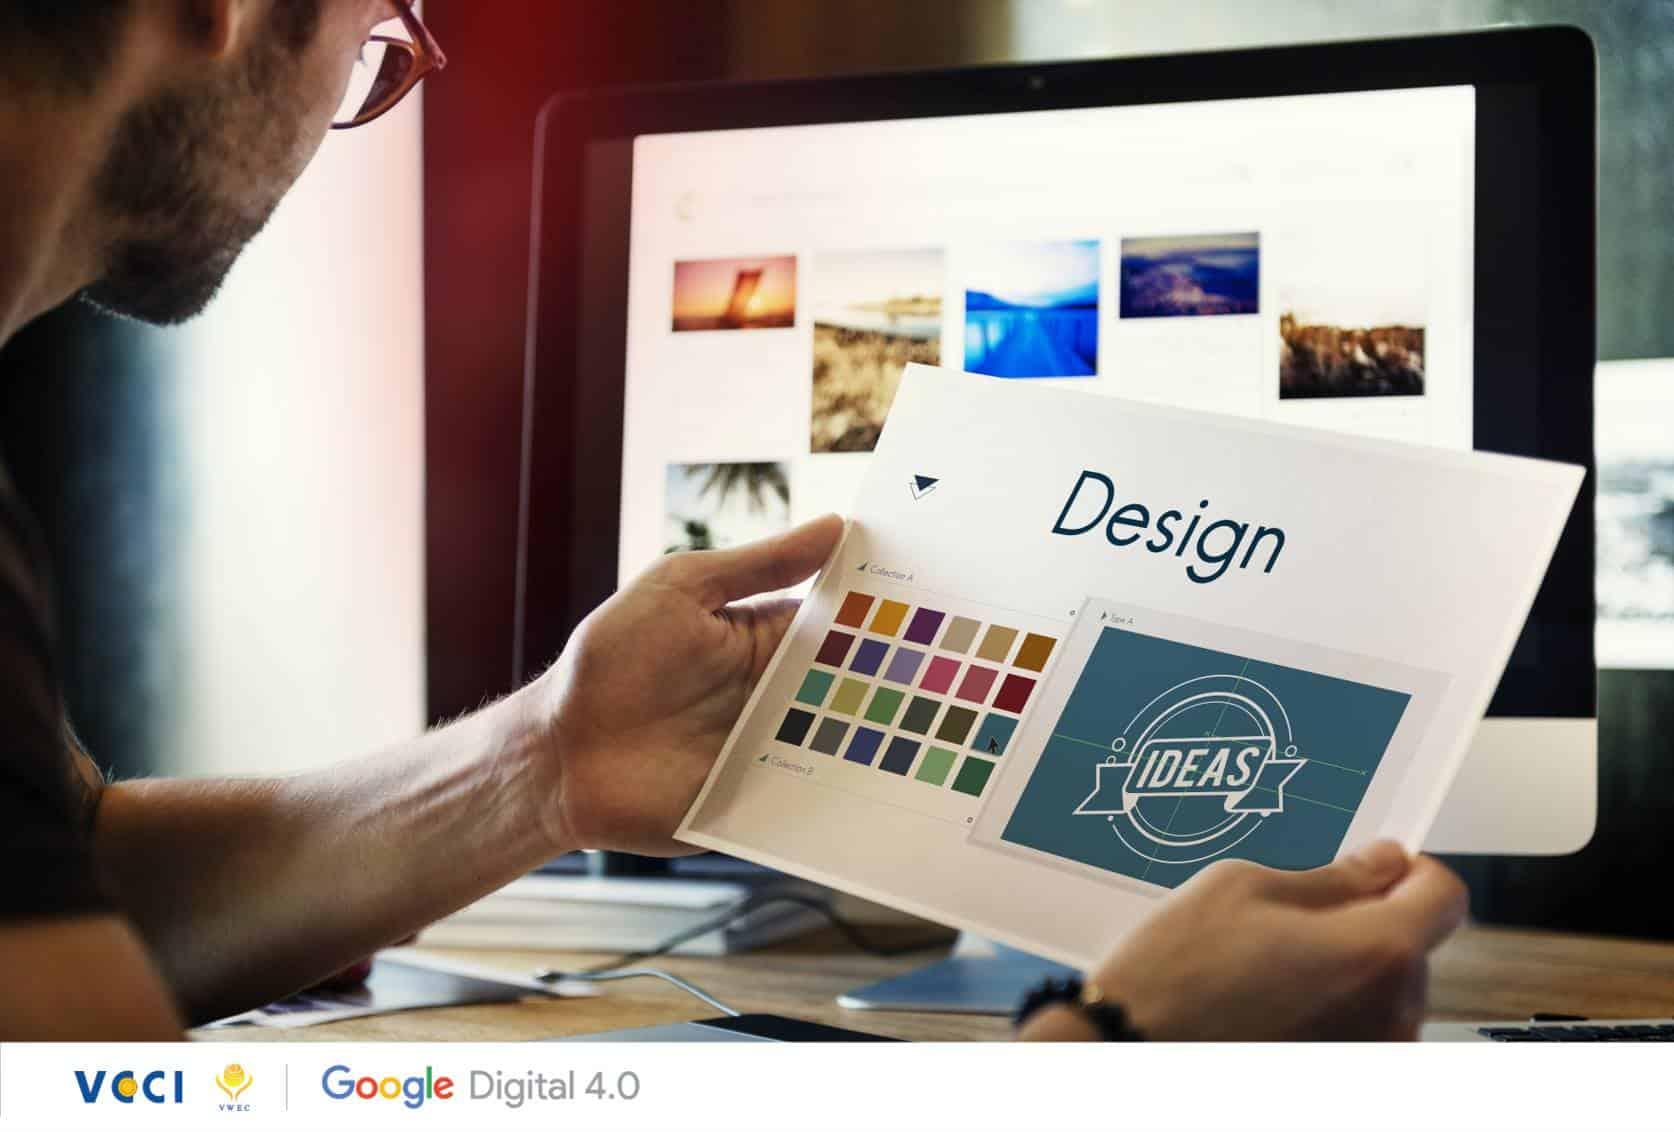 13 - Giới thiệu khóa học Digital 4.0 do Google và VCCI tổ chức tại Việt Nam